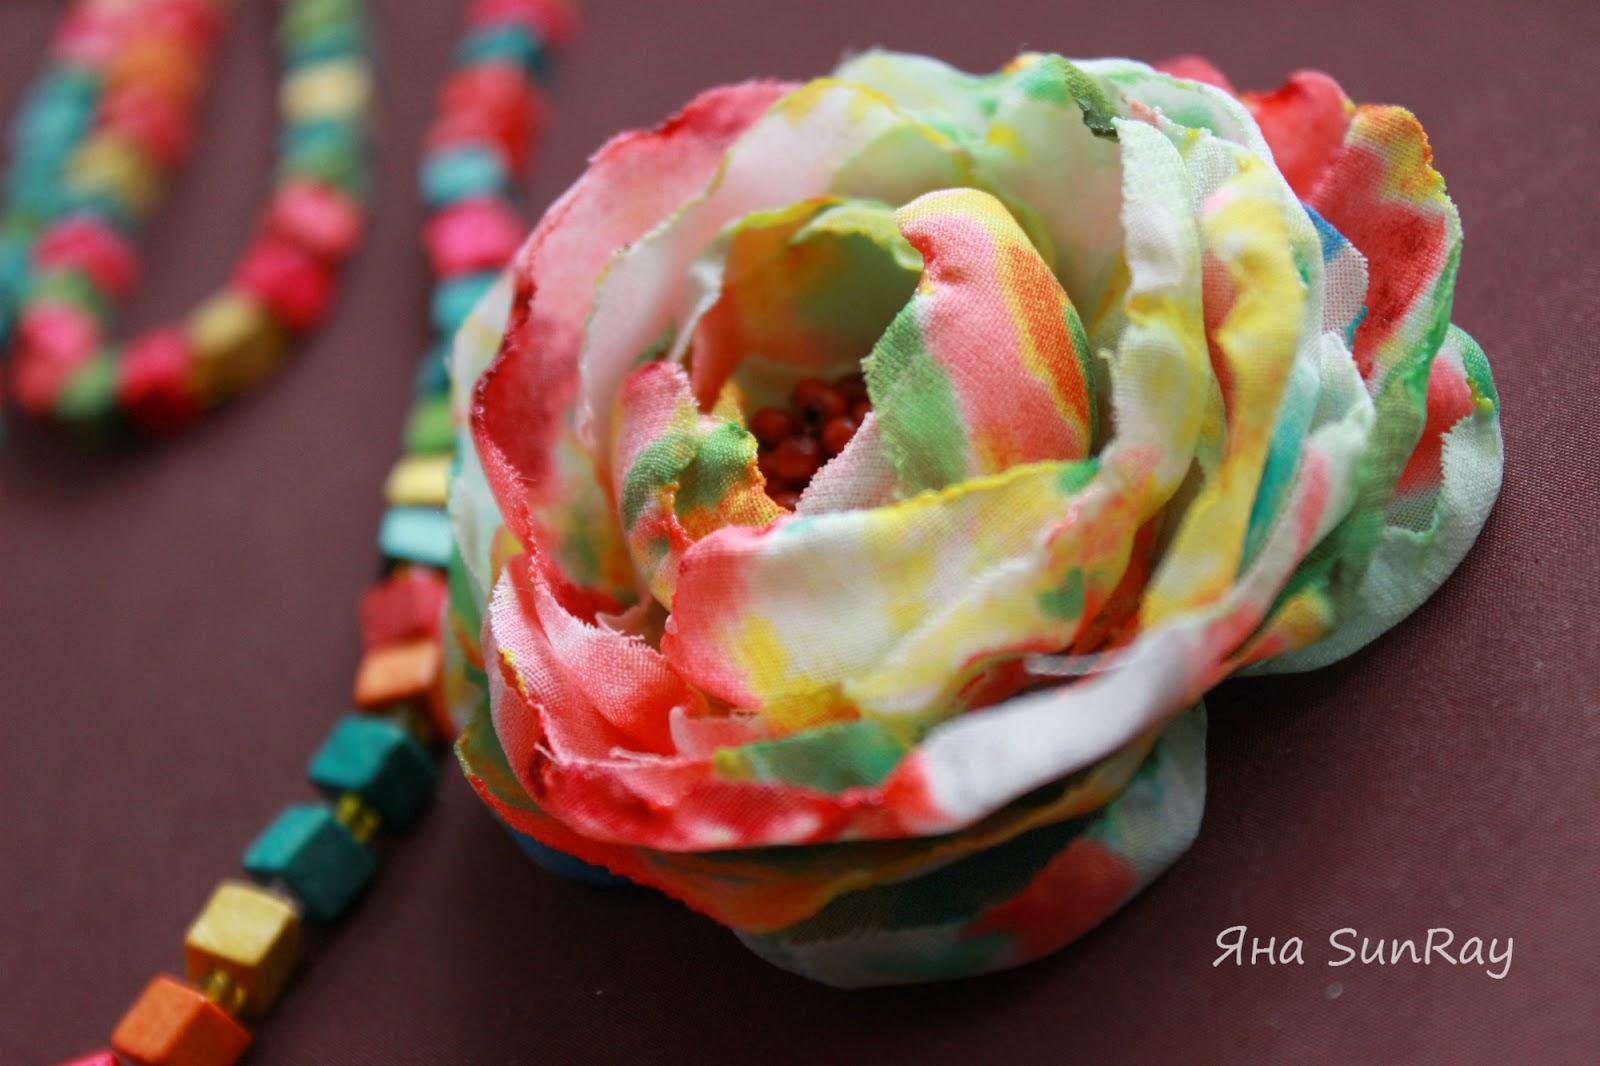 текстильные цветы, цветы из шелка, шелковые цветы, брошь в форме цветка, настроение своими руками,